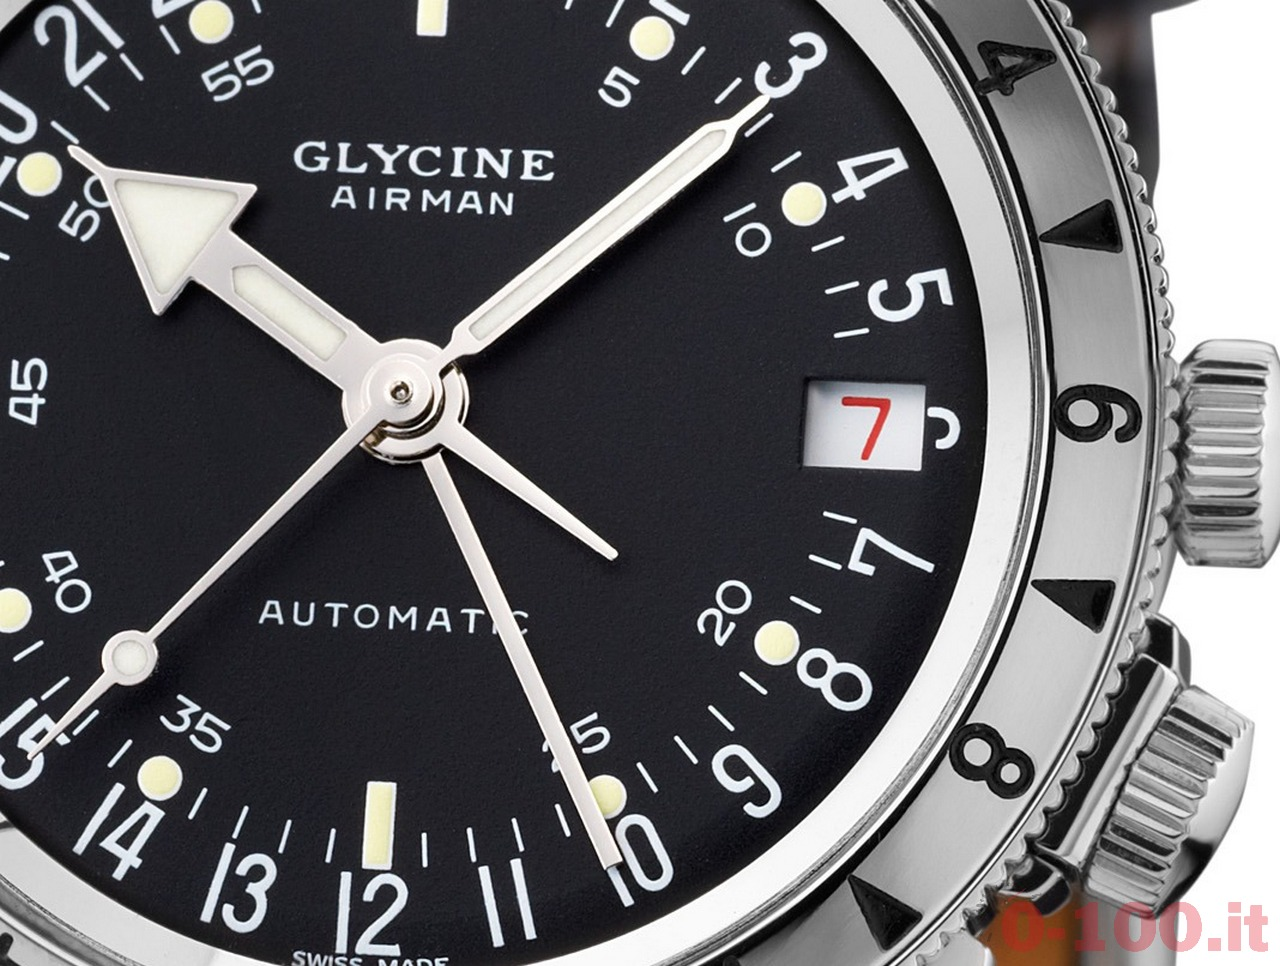 glycine-airman-n-1-ref-3944-19-lbk9-prezzo-price-0-100_4